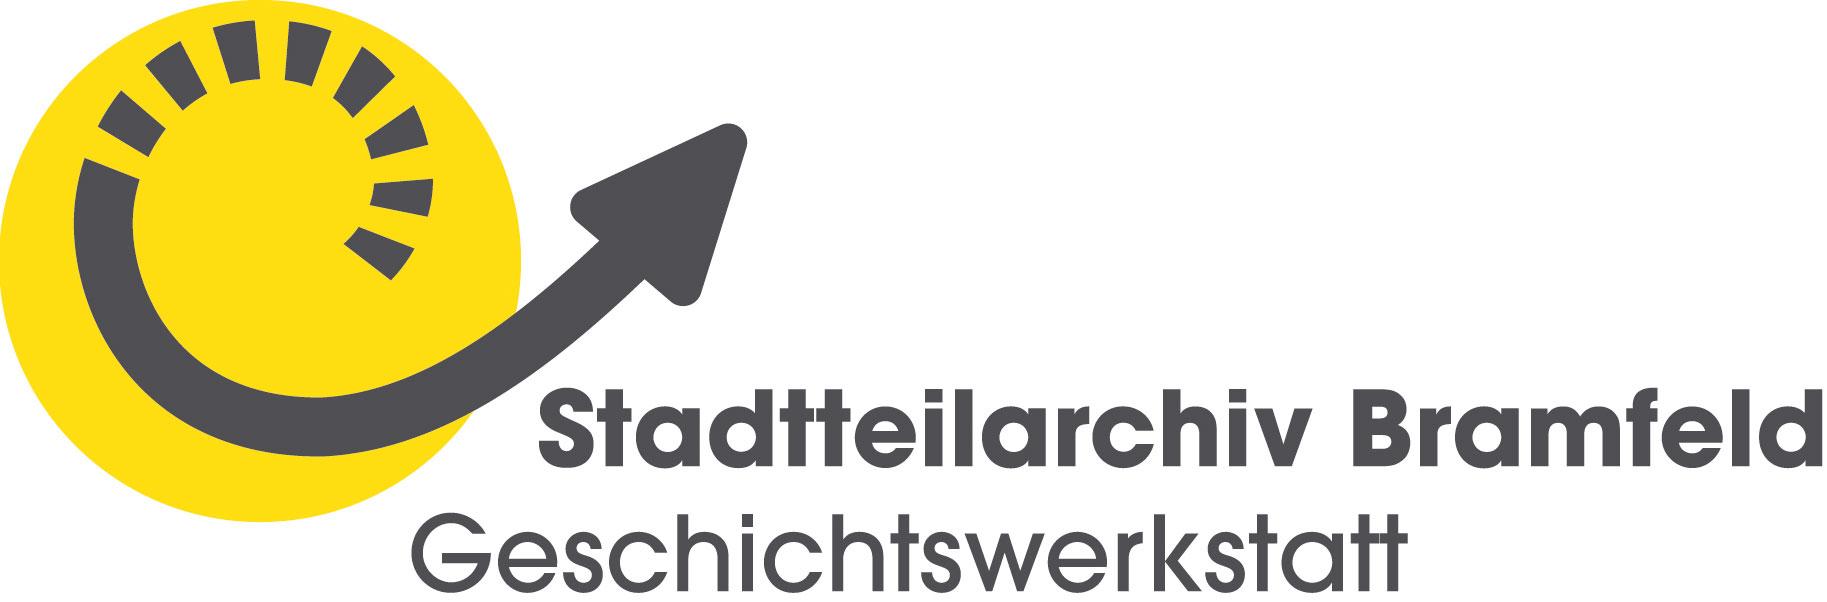 Stadtteilarchiv Bramfeld Geschichtswerkstatt